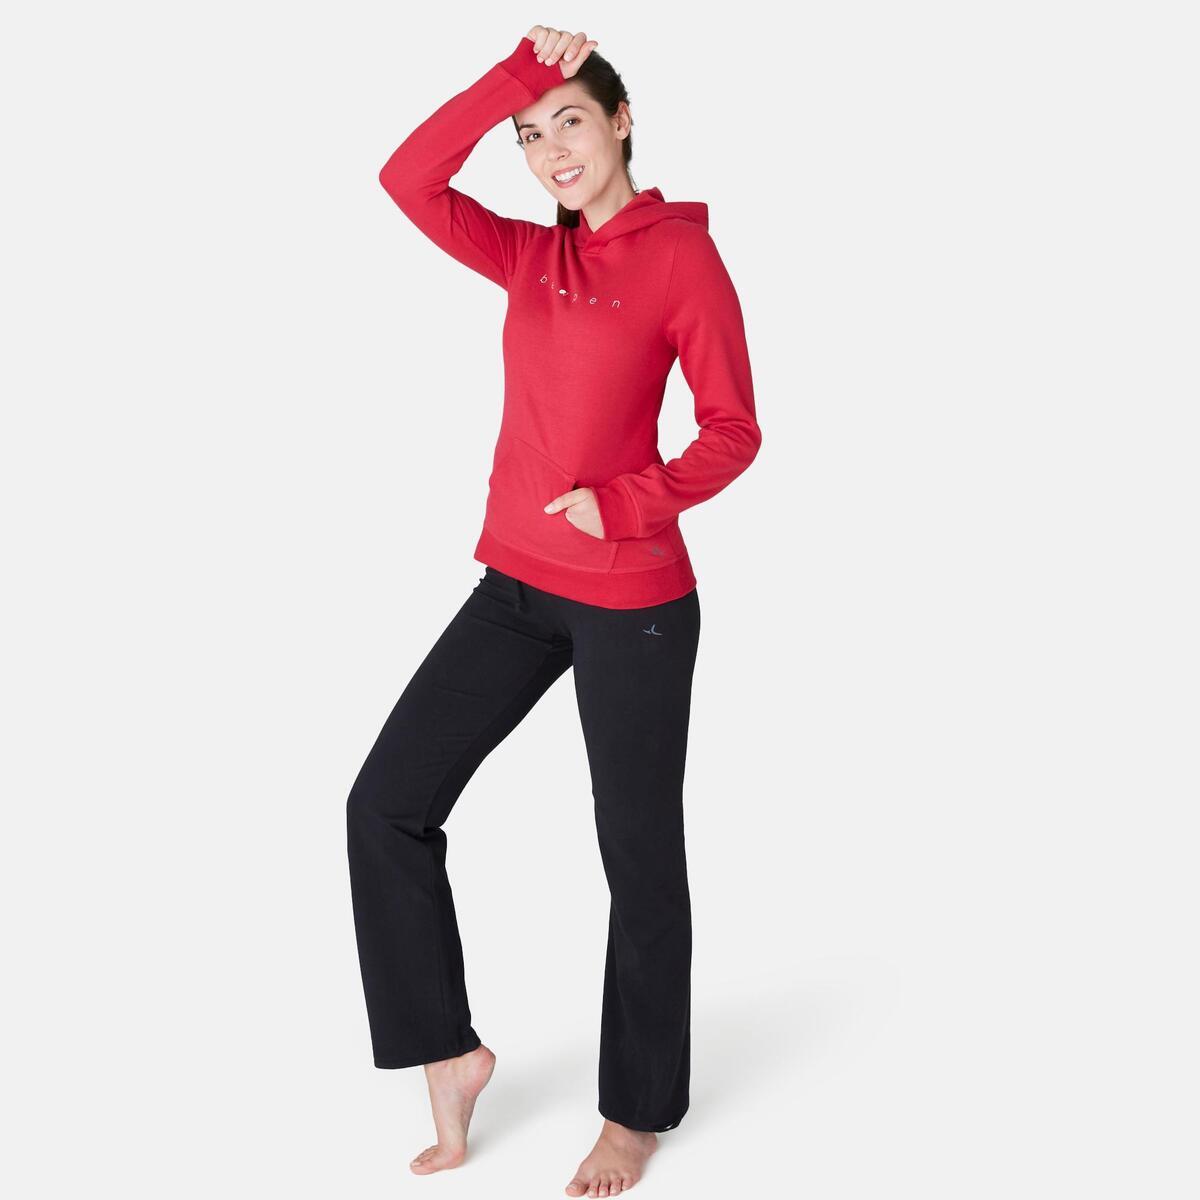 Bild 3 von Kapuzenpullover 520 Pilates sanfte Gymnastik Damen rot